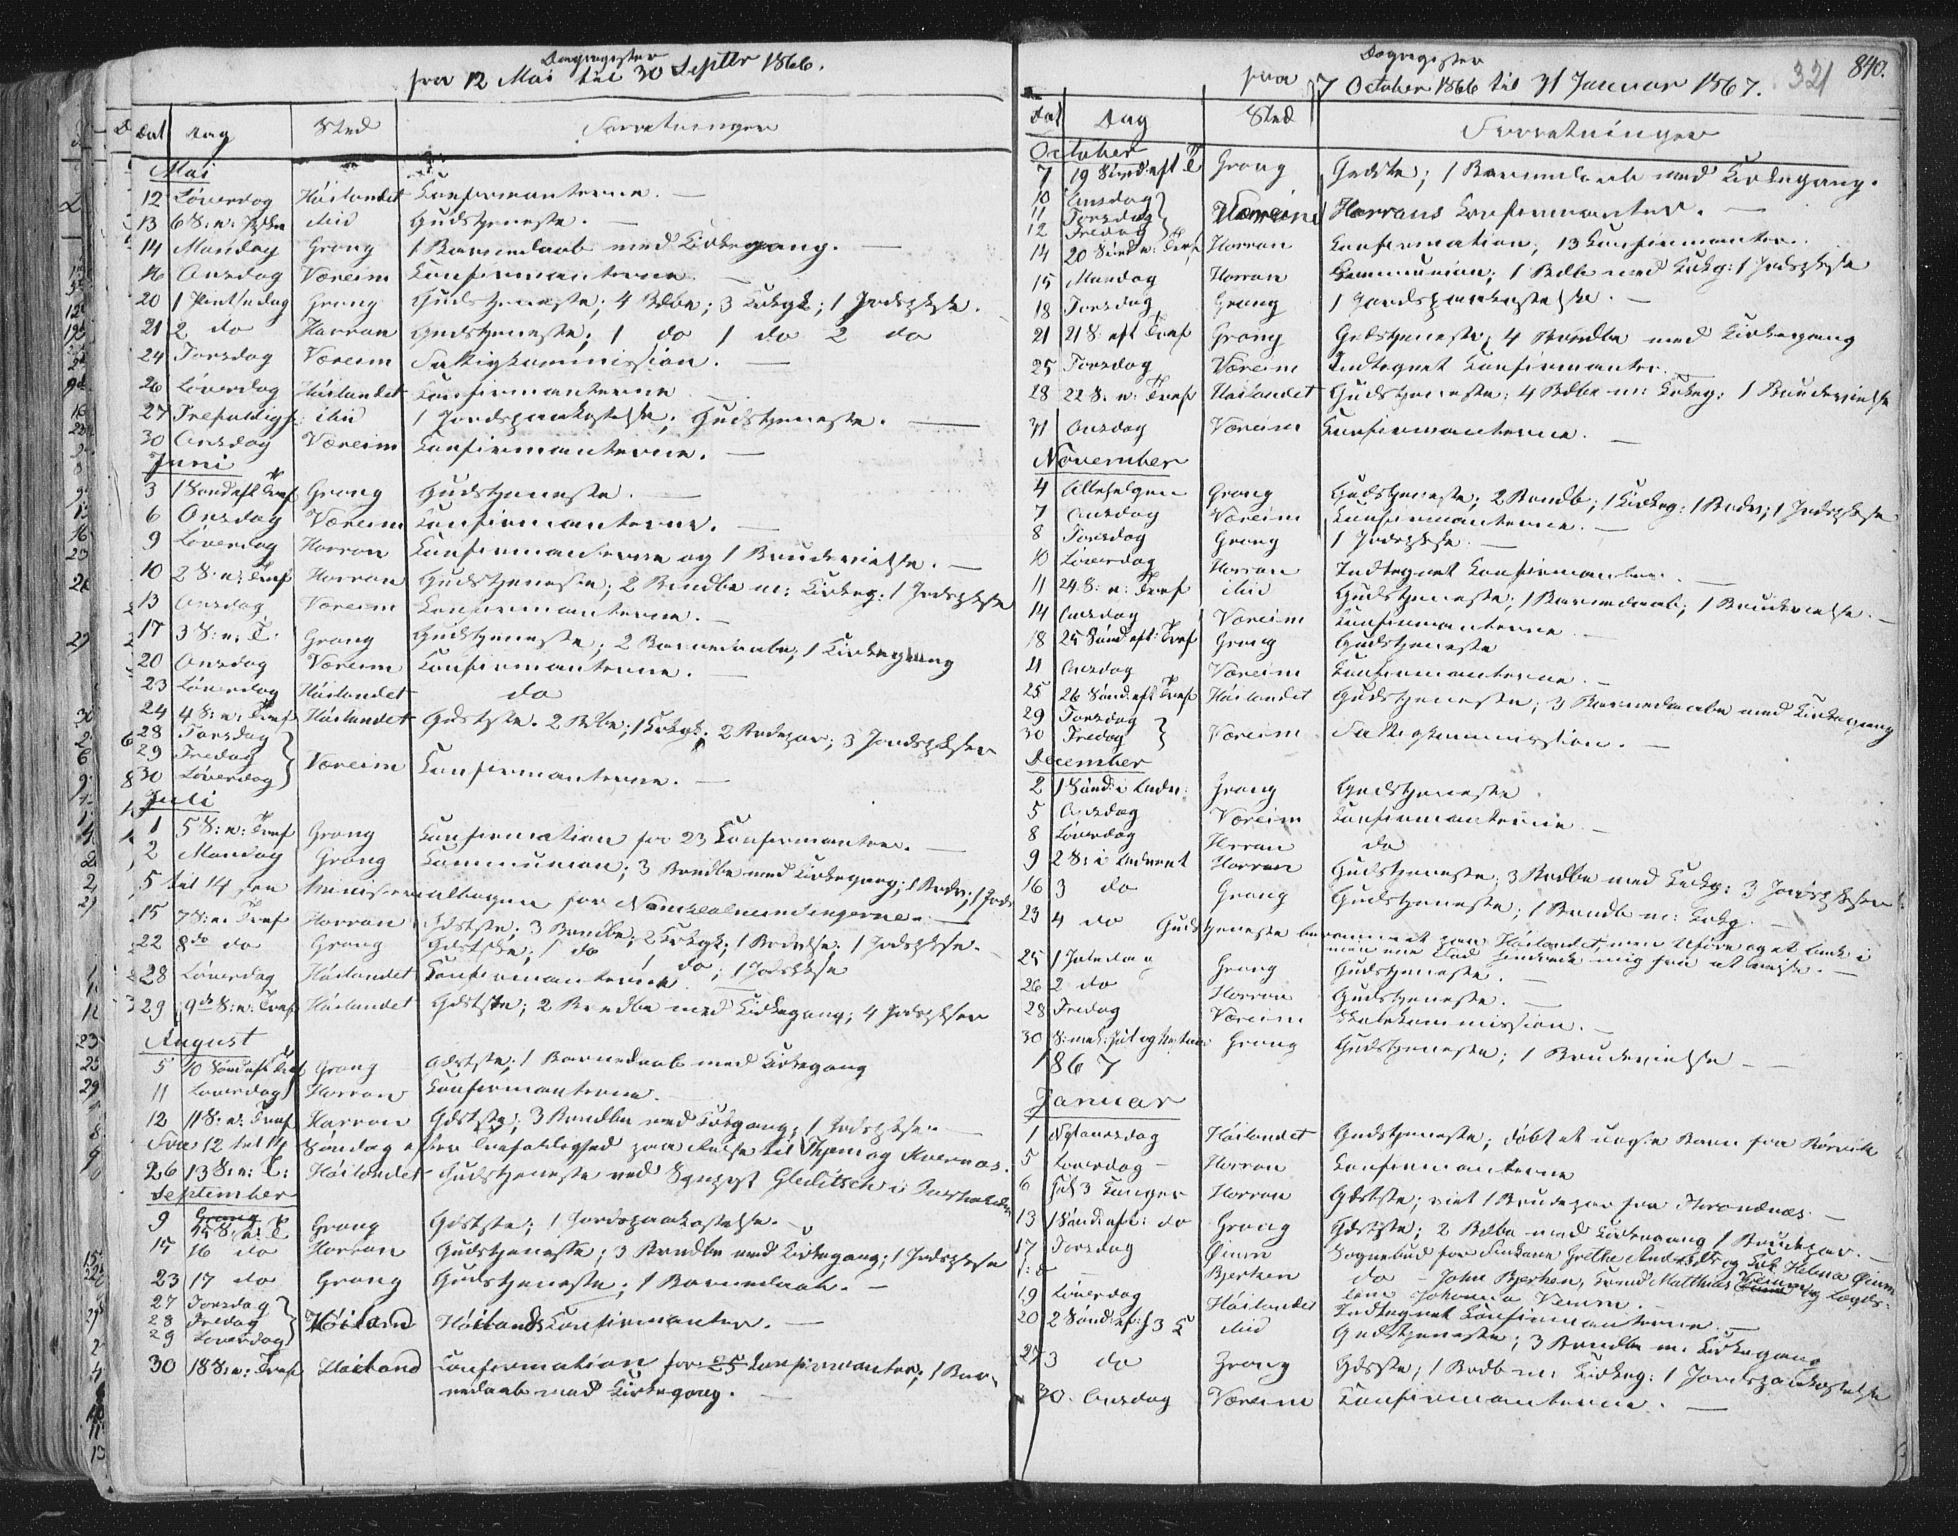 SAT, Ministerialprotokoller, klokkerbøker og fødselsregistre - Nord-Trøndelag, 758/L0513: Ministerialbok nr. 758A02 /1, 1839-1868, s. 321